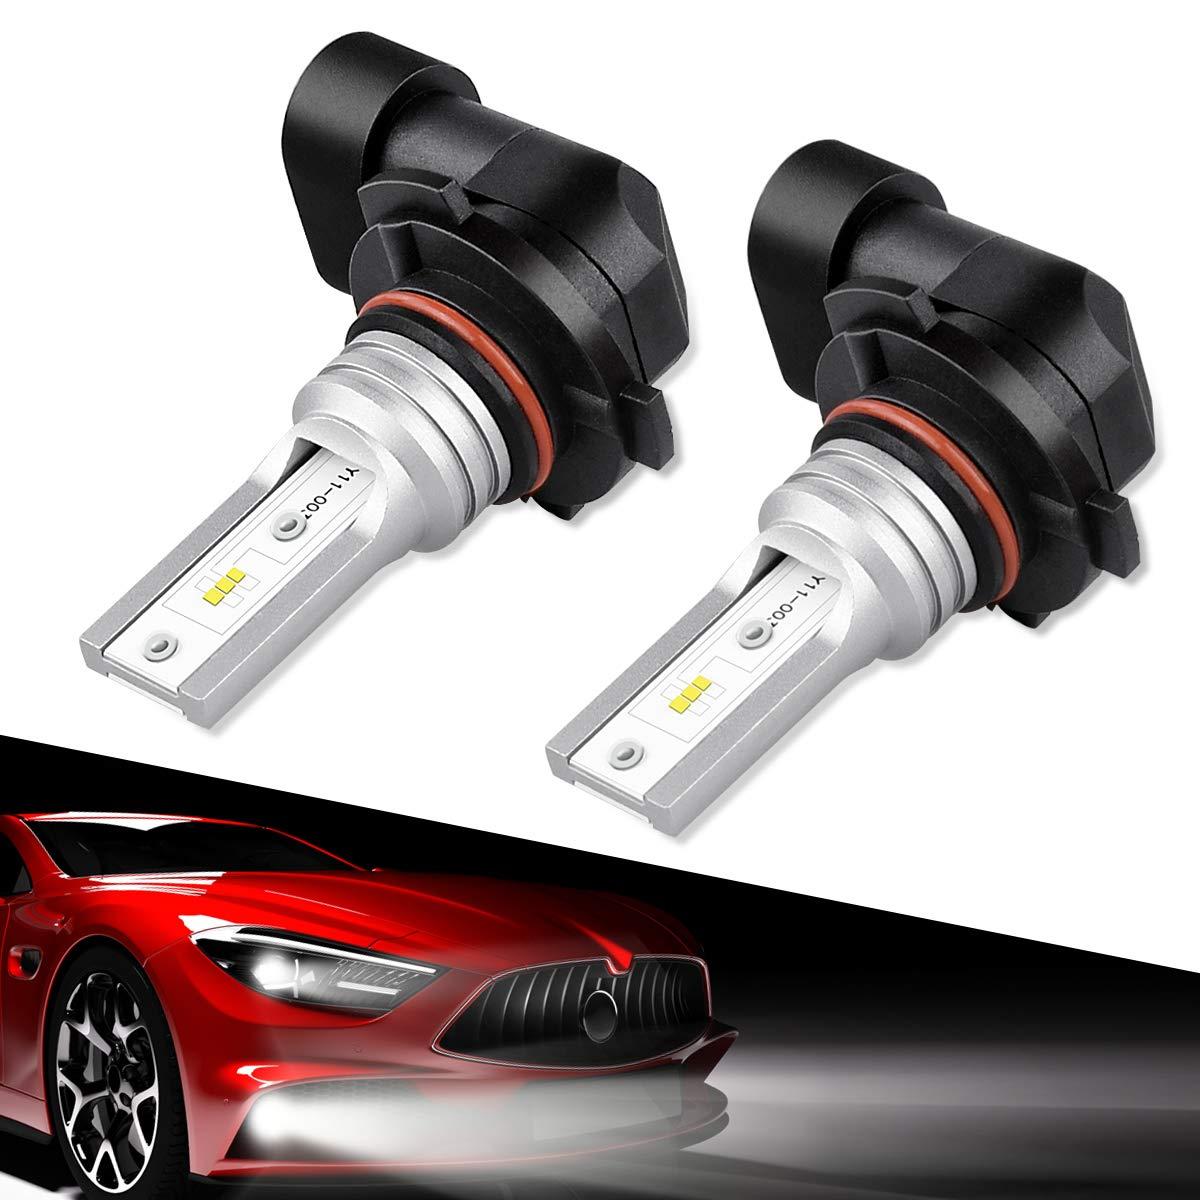 9140 9145 H10 Led Fog Light Bulbs, SEALIGHT 9045 9040 Led Fog Lamps High Power 6CPS Led Chips, 6000K White(Pack Of 2) 9145 9140 H10